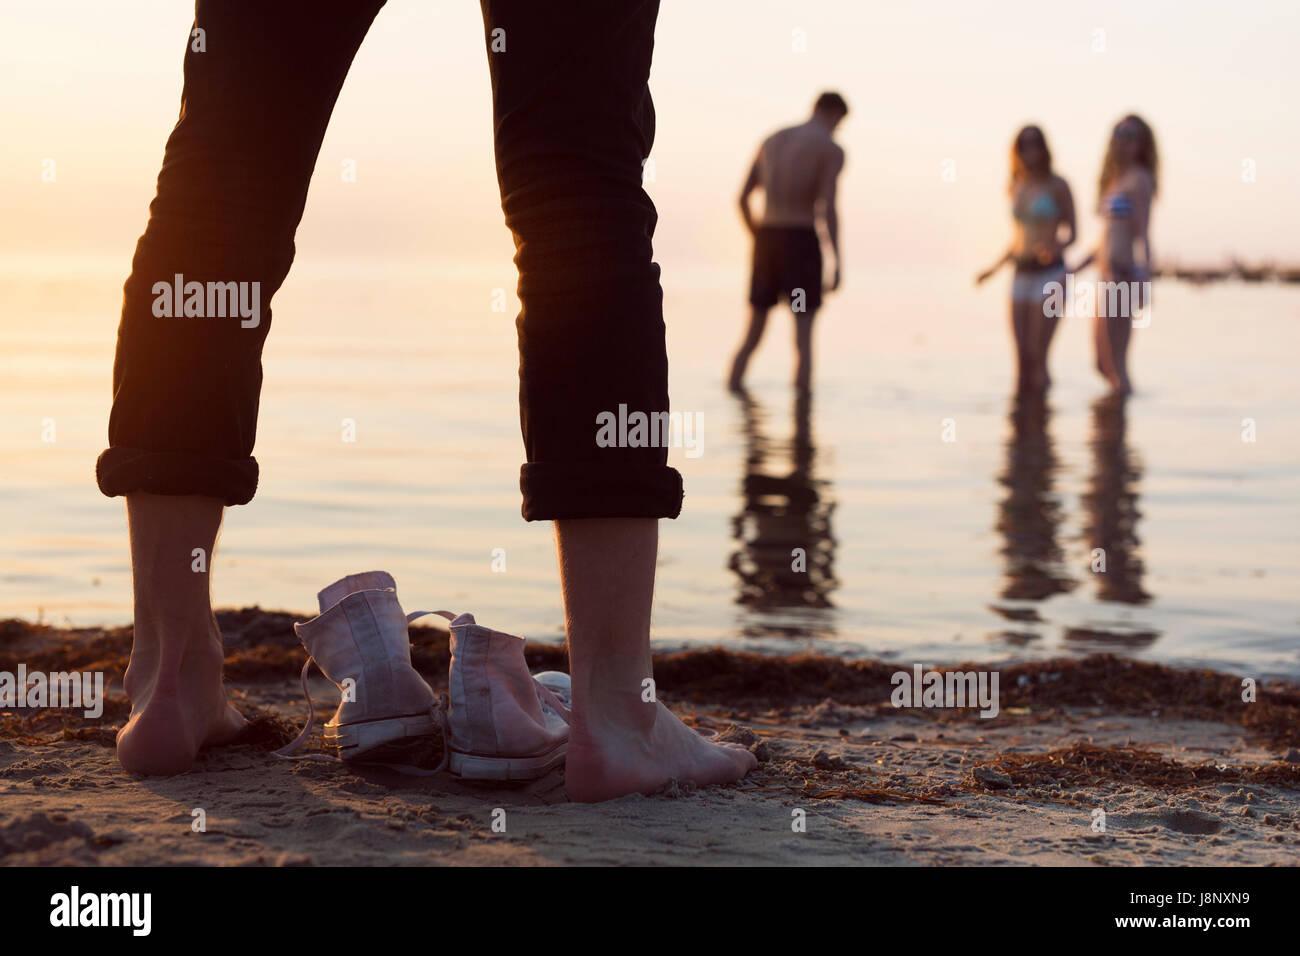 Joven parado en la playa mientras joven y adolescente (16-17) y el joven se baña en el mar al atardecer Foto de stock